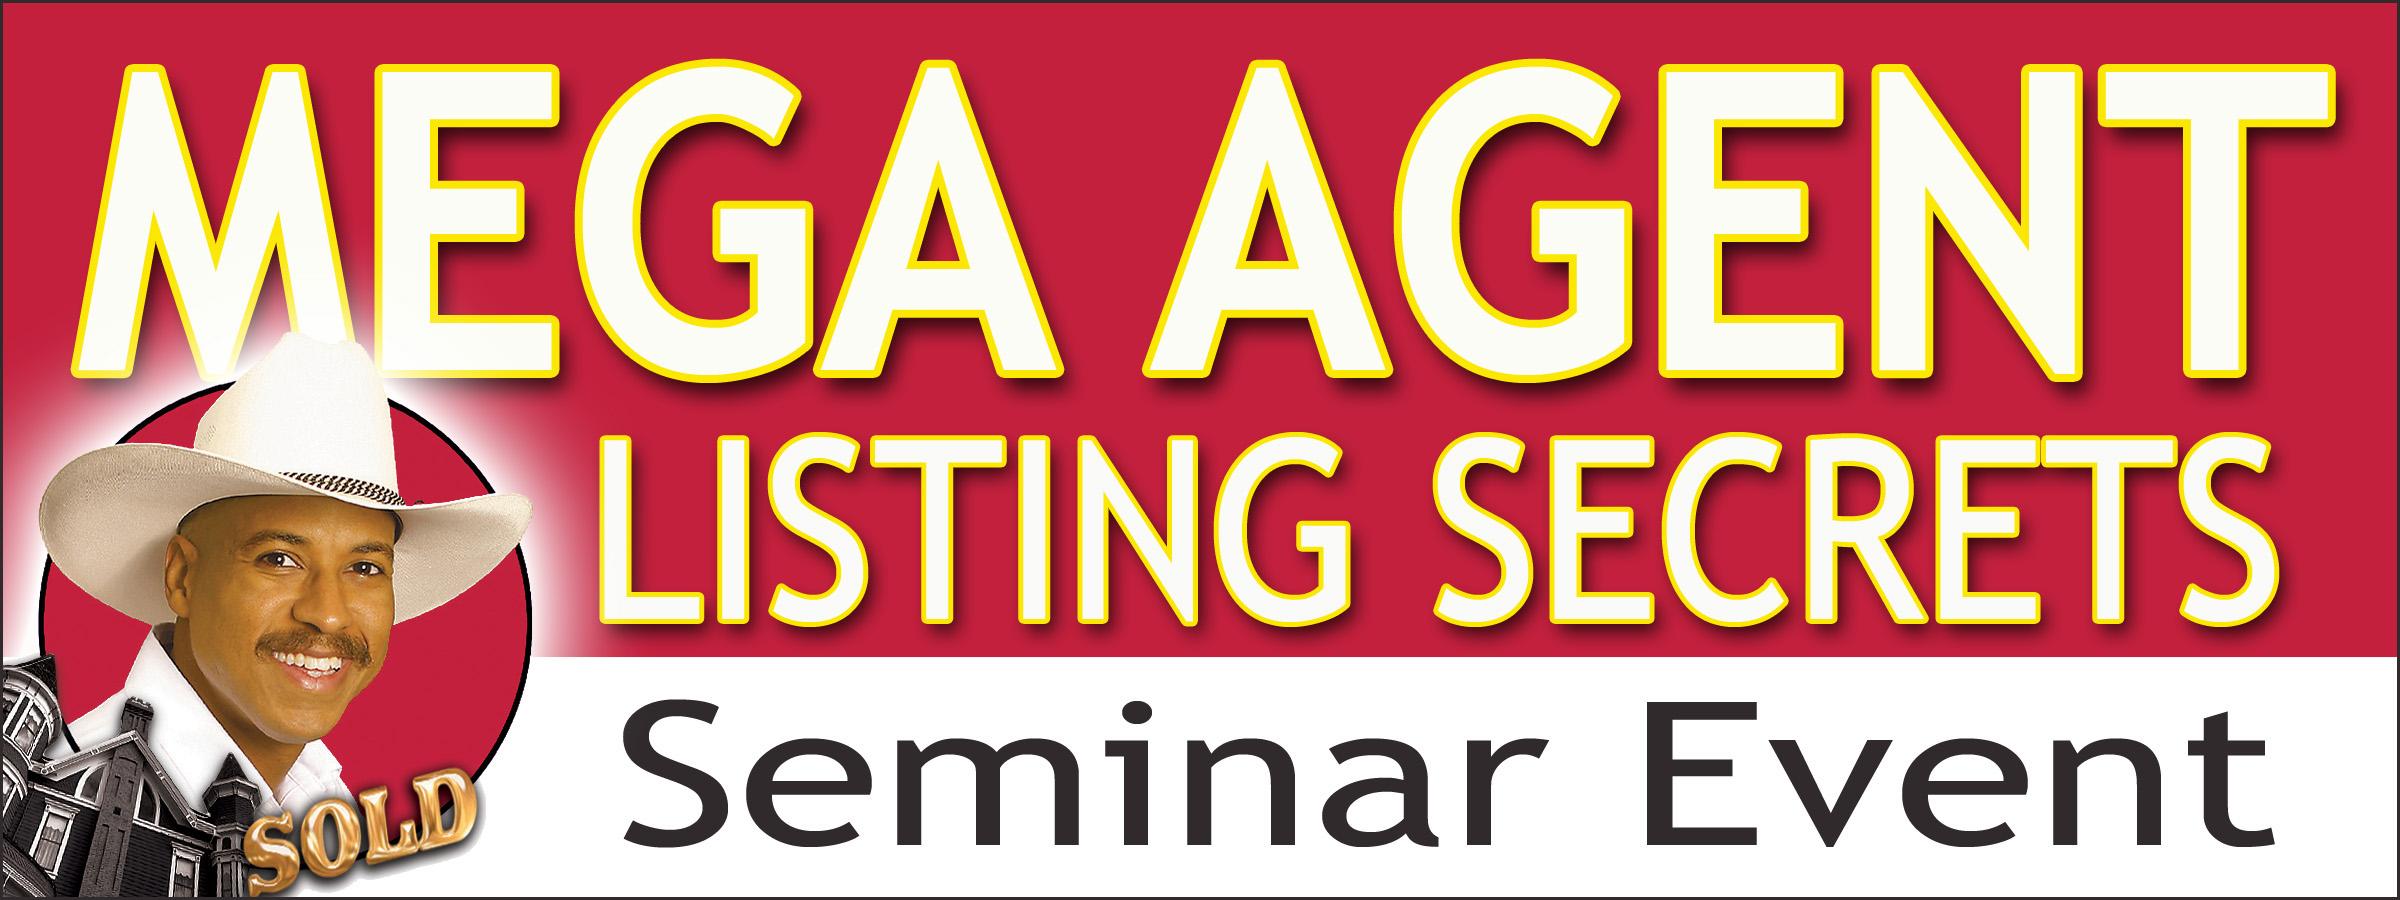 mega agent listing secrets